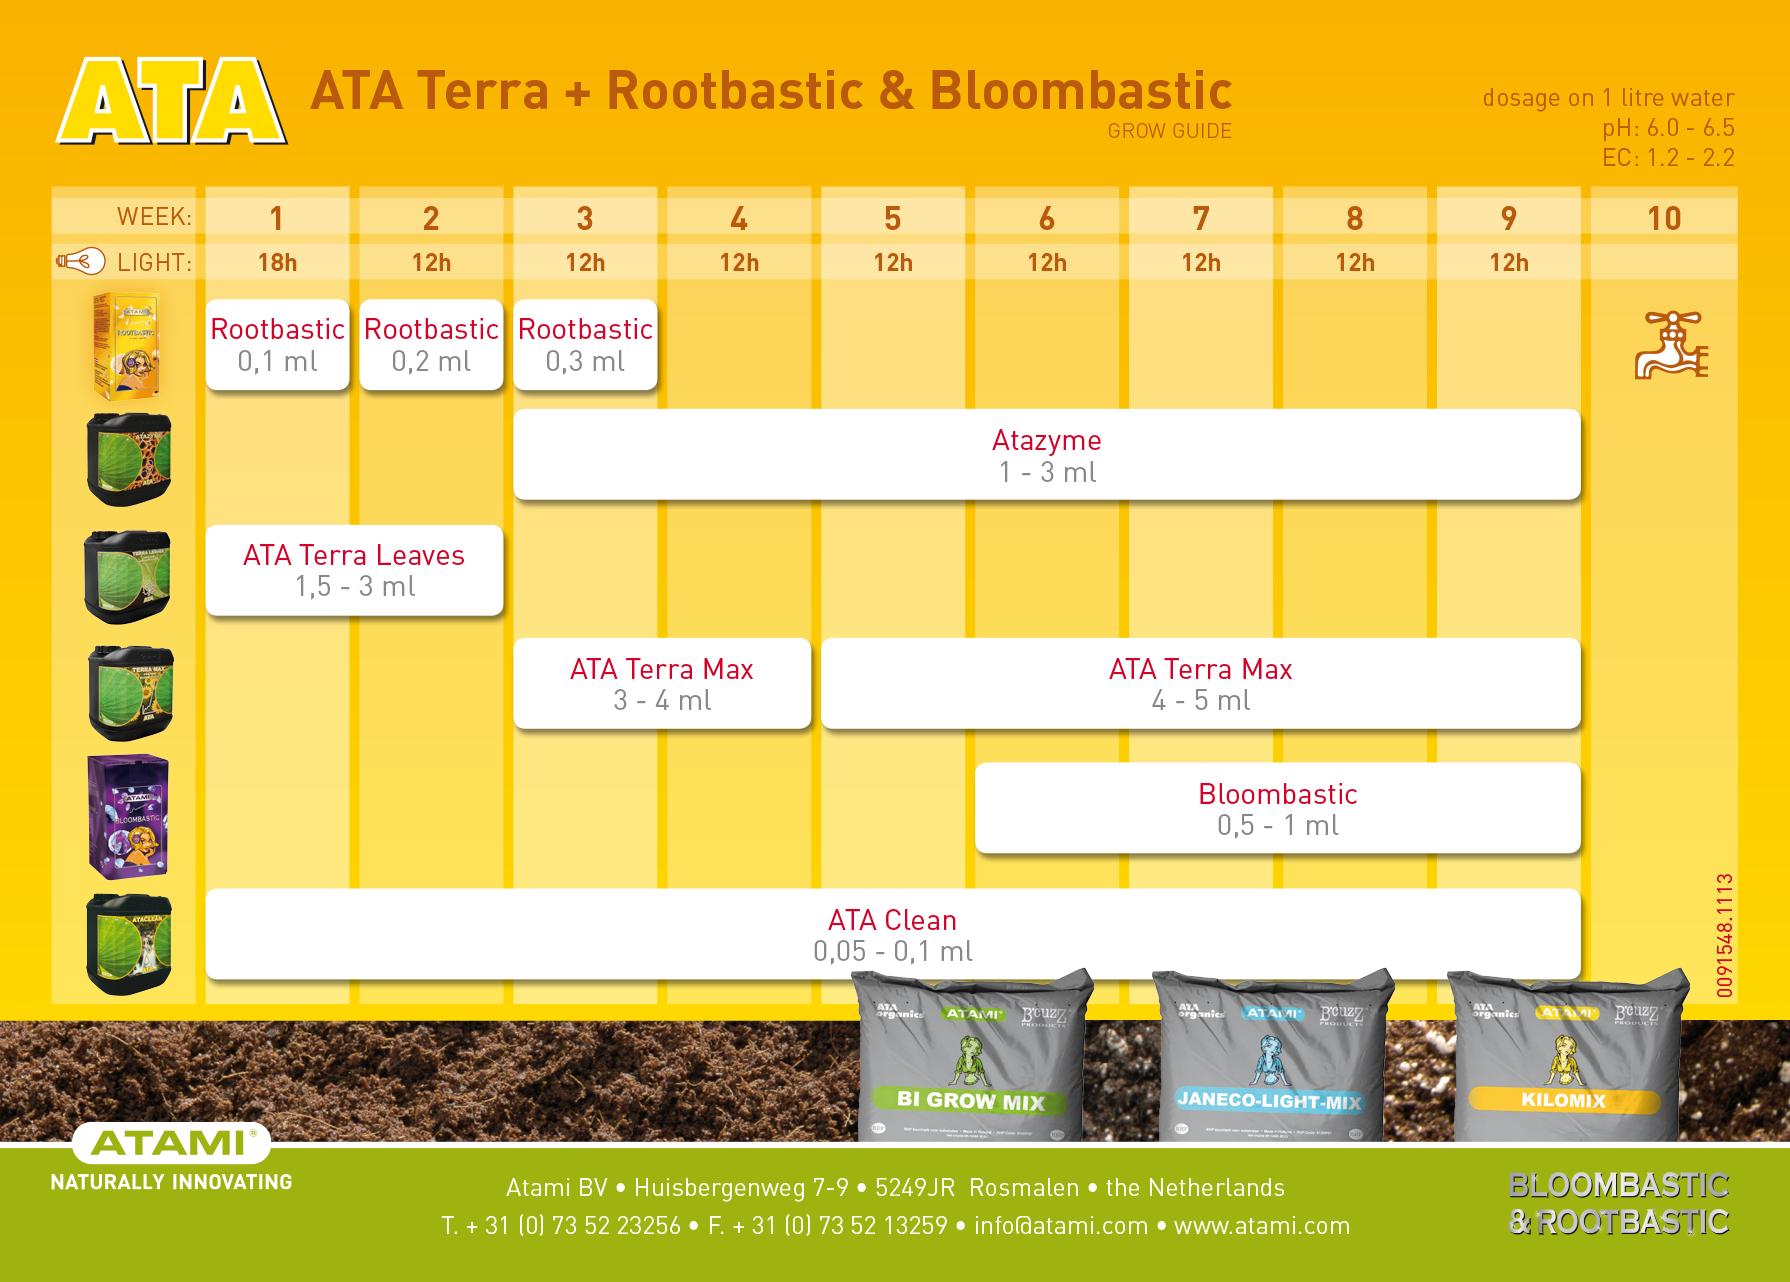 Tabla de cultivo atami Terra con Rootbastic